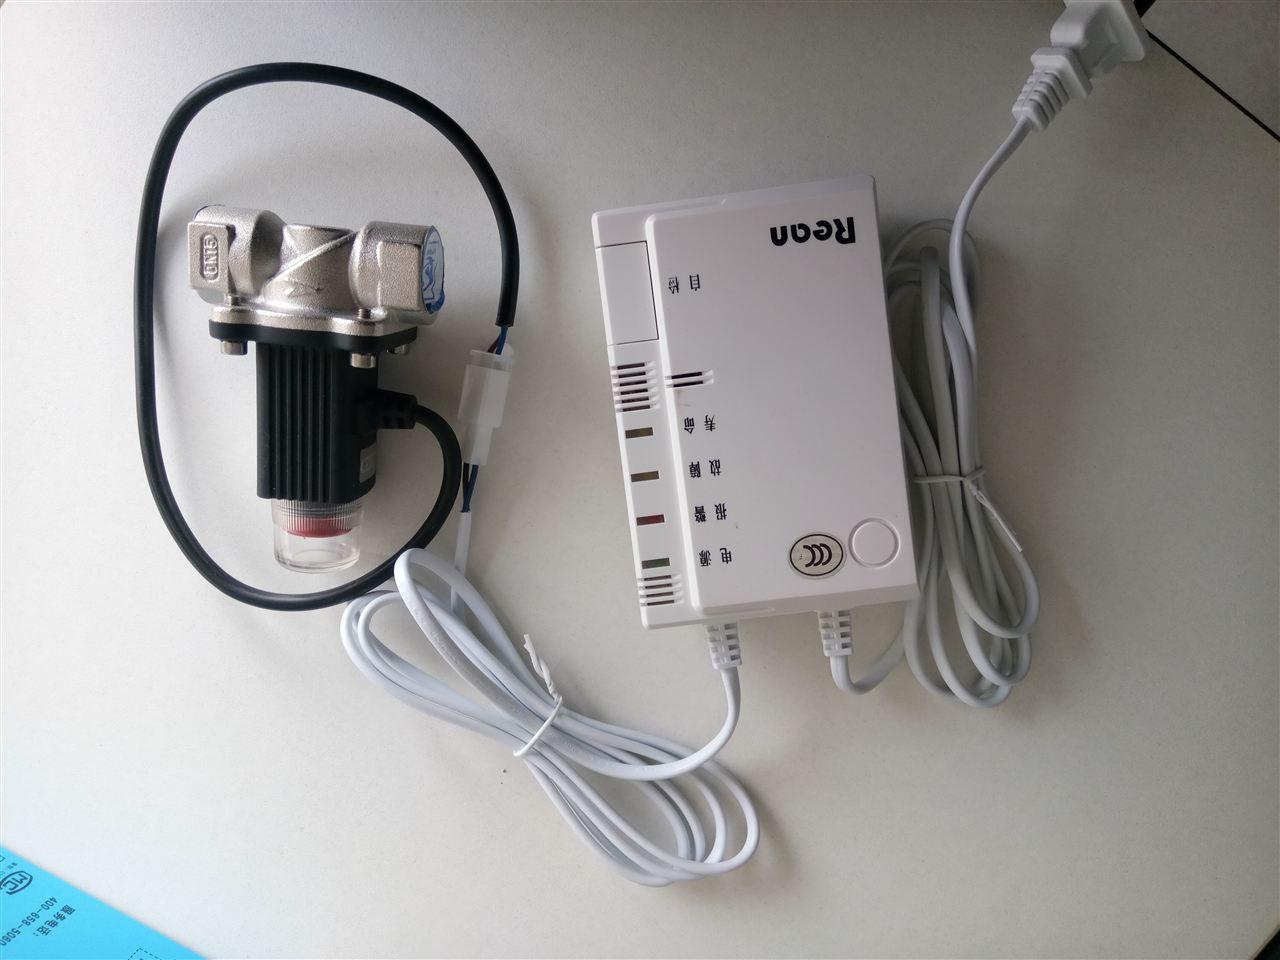 临朐县家用燃气报警器 联动家用燃气电磁阀 产品证书:(证书齐全) 消防